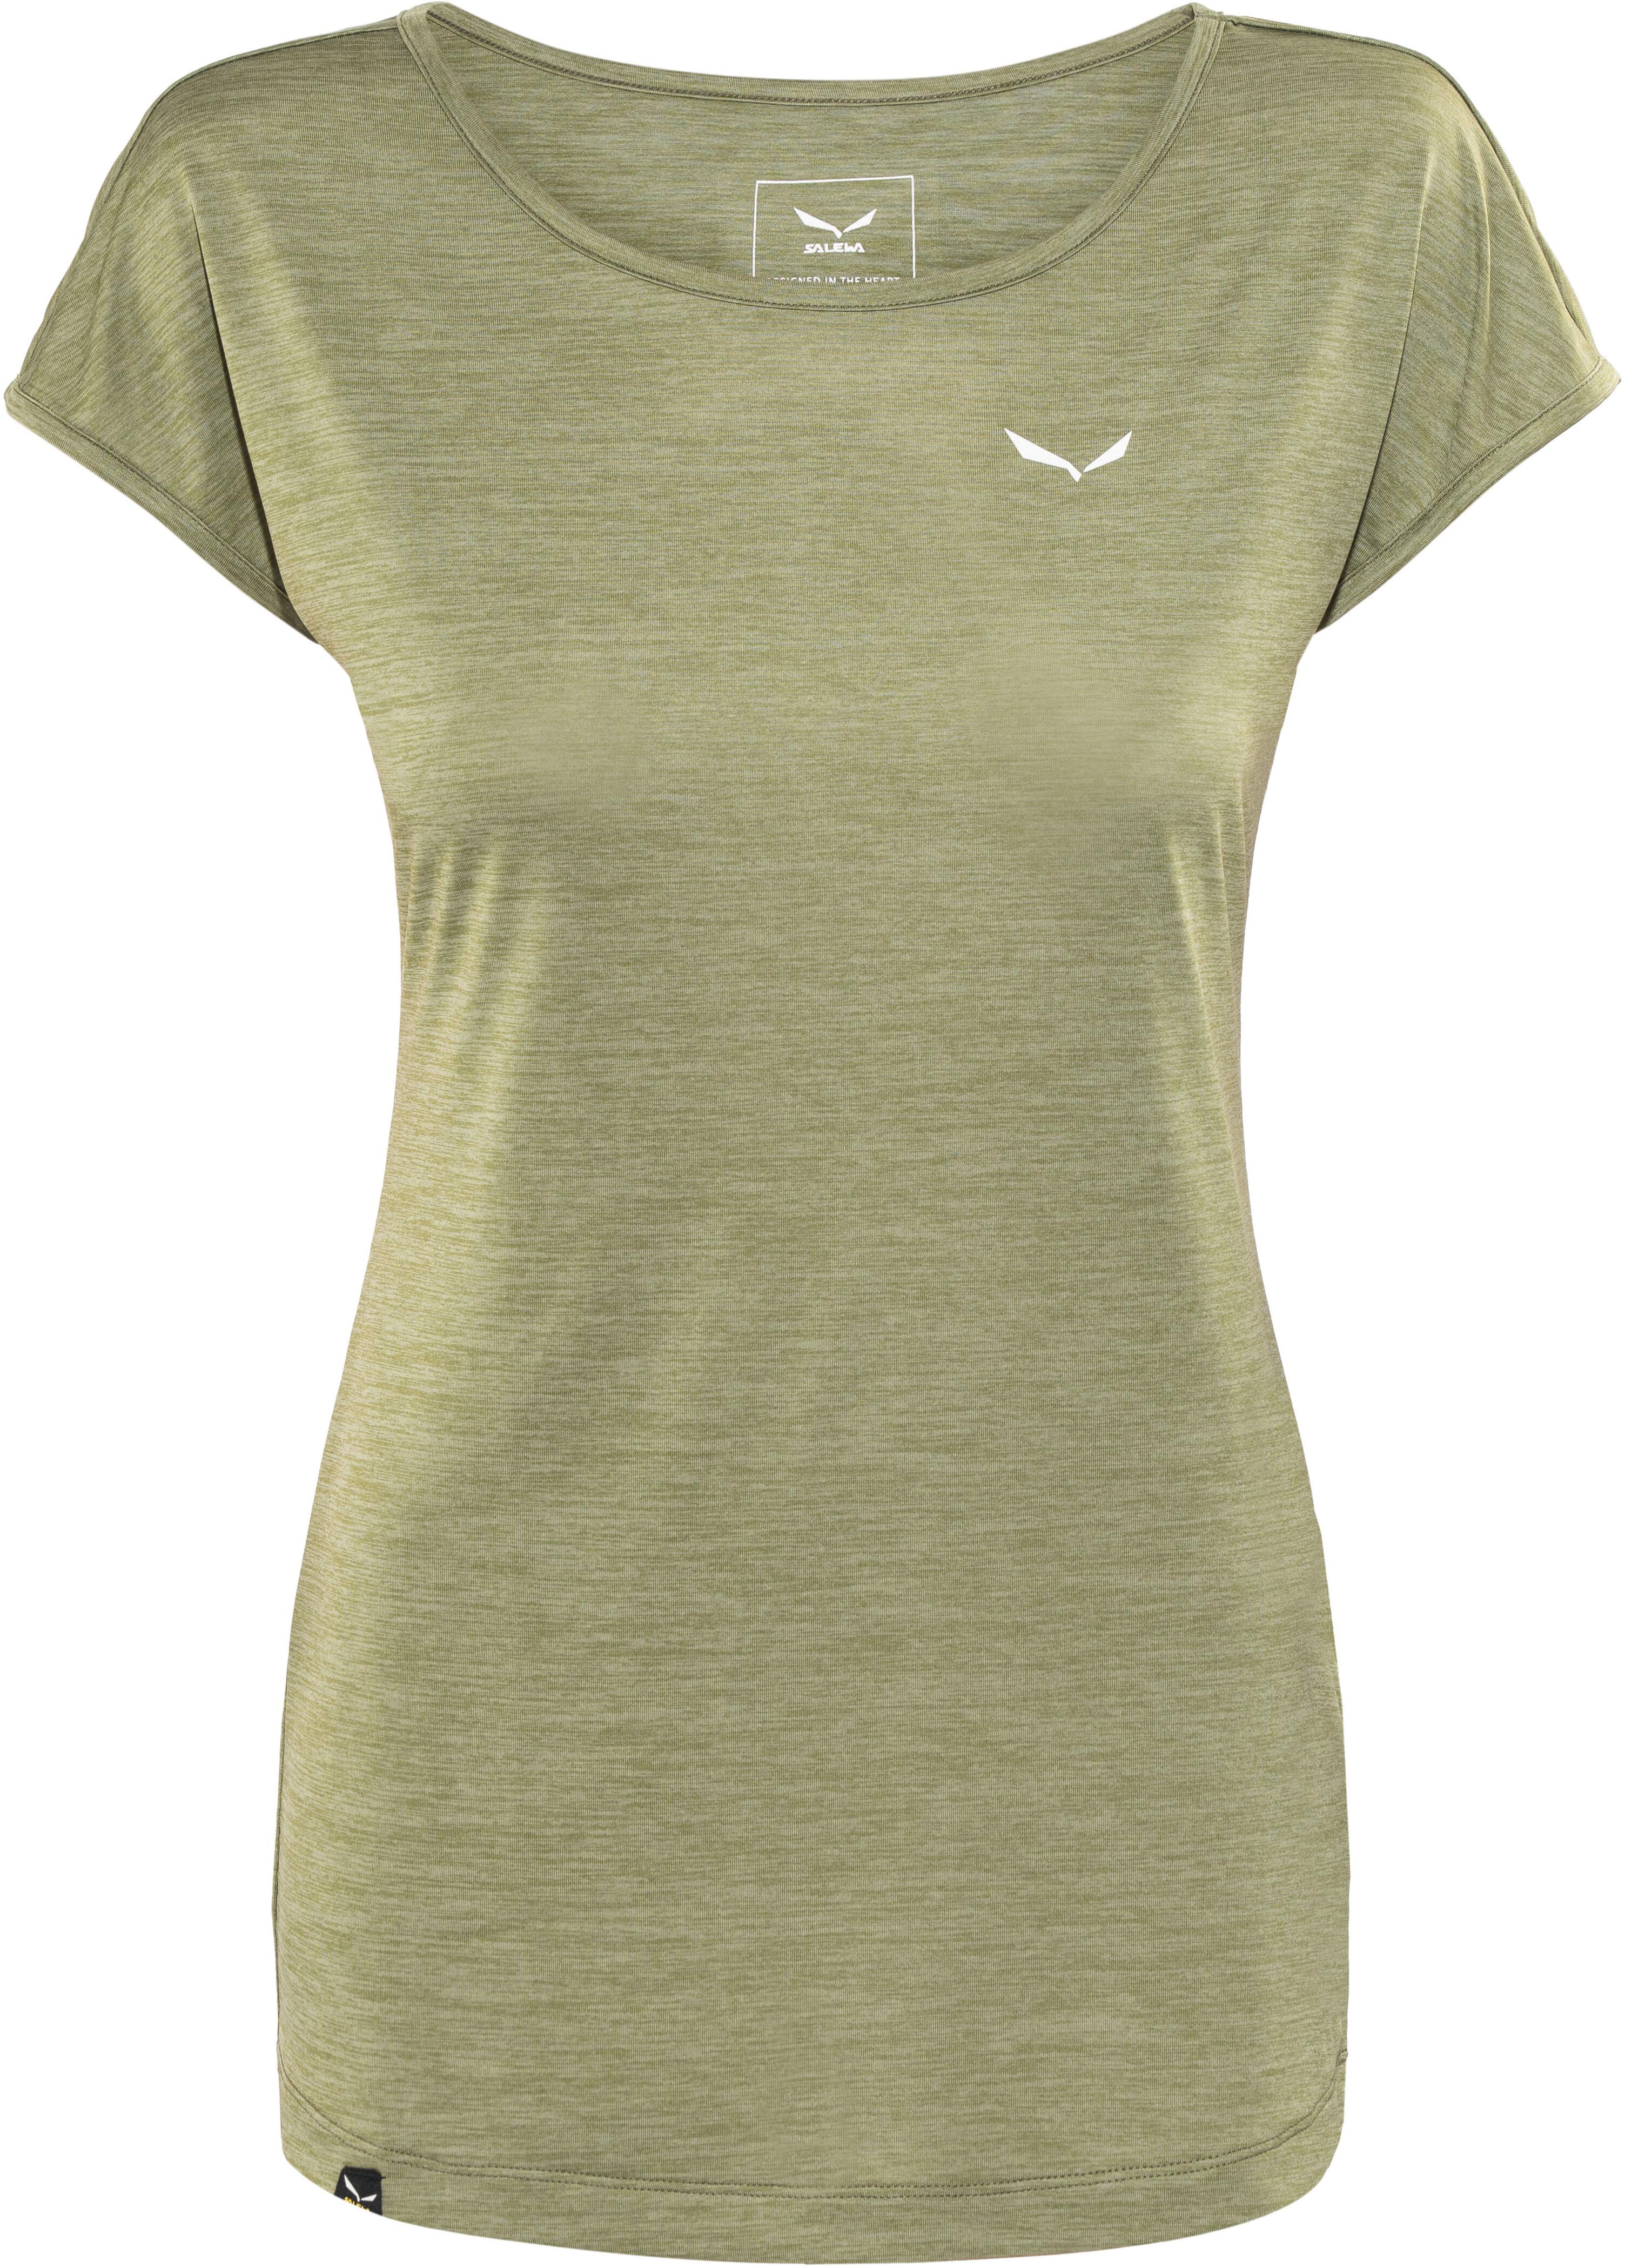 7976c7280ec623 Salewa Puez Melange Dry Shortsleeve Shirt Women olive at Addnature.co.uk